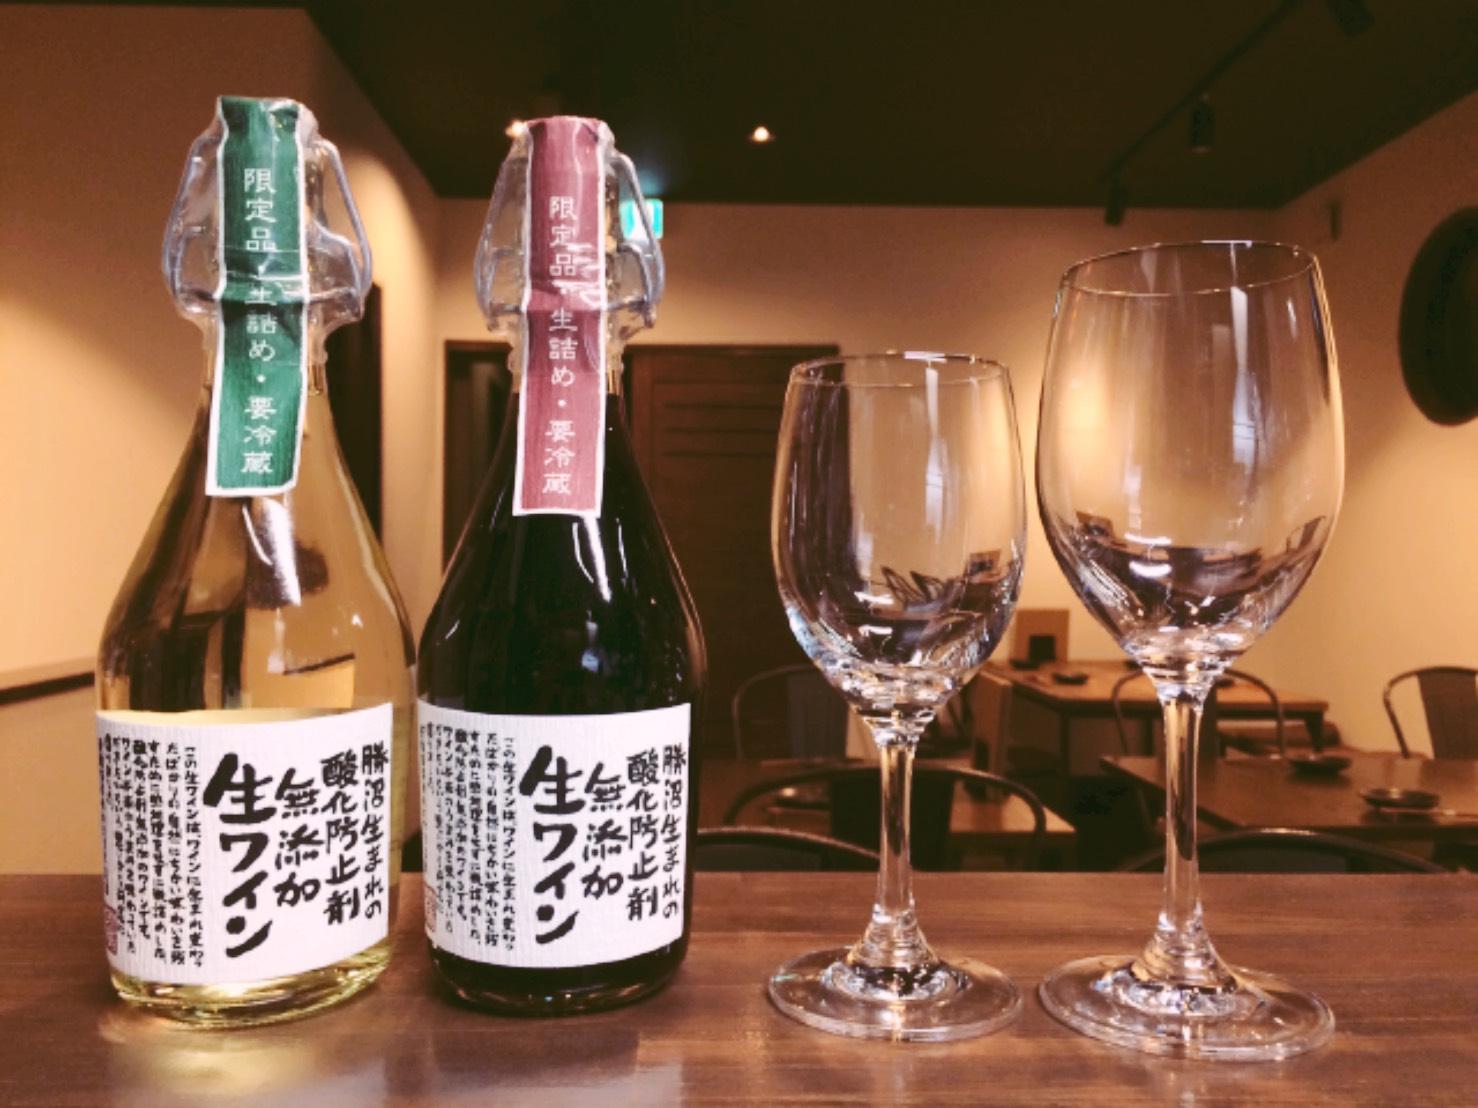 国産生ワイン